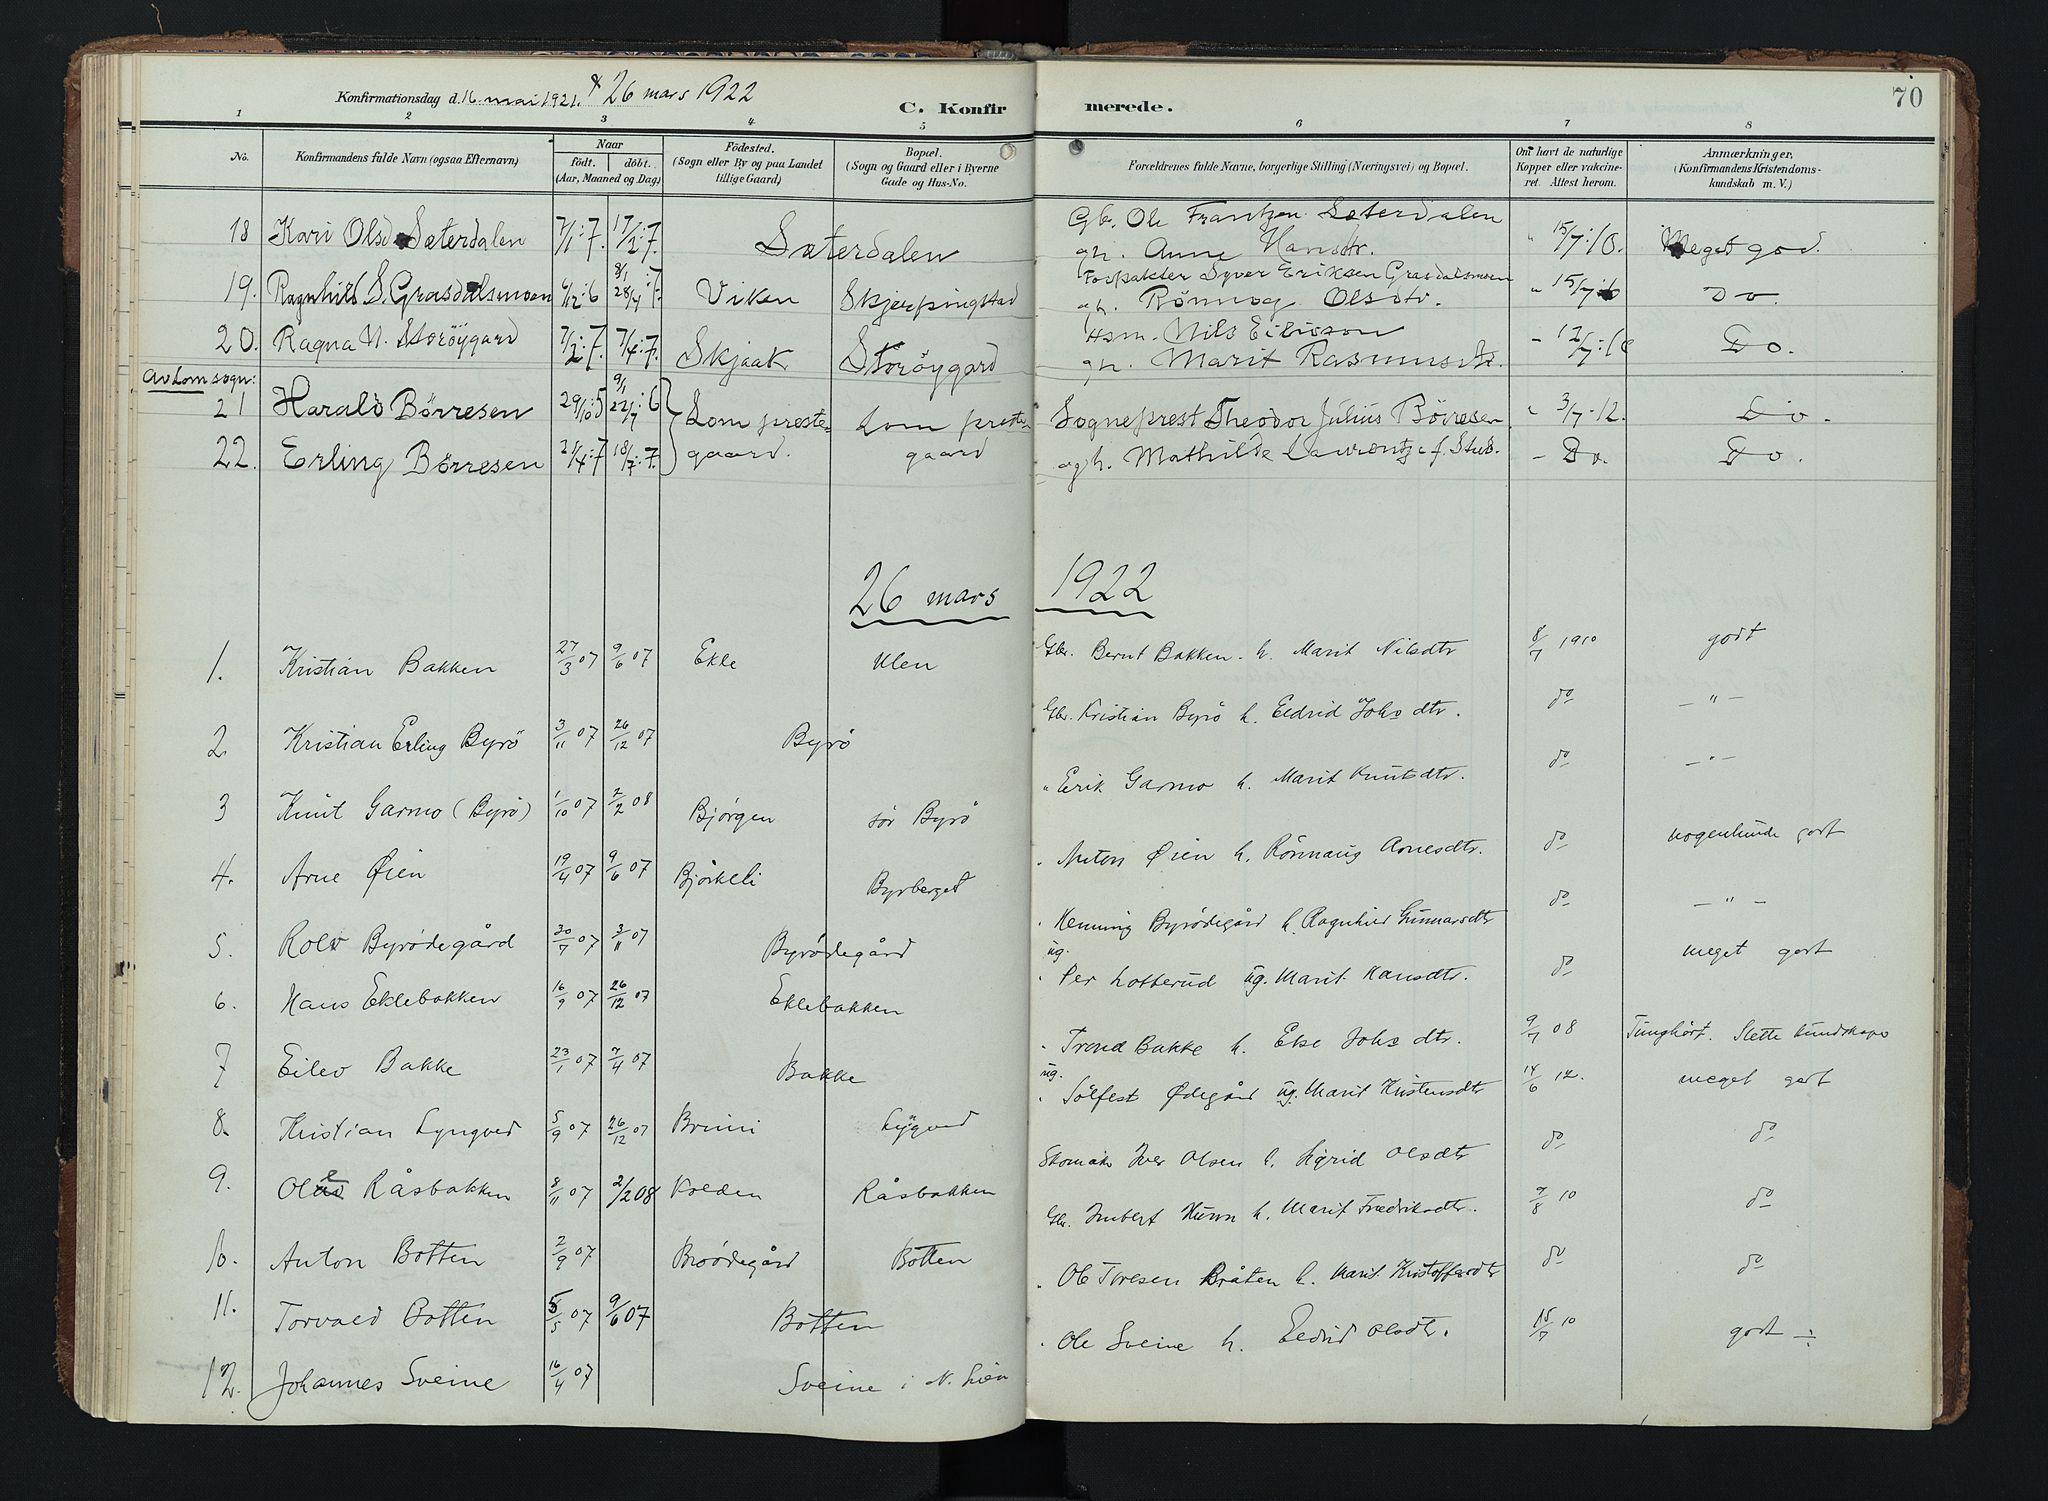 SAH, Lom prestekontor, K/L0011: Ministerialbok nr. 11, 1904-1928, s. 70